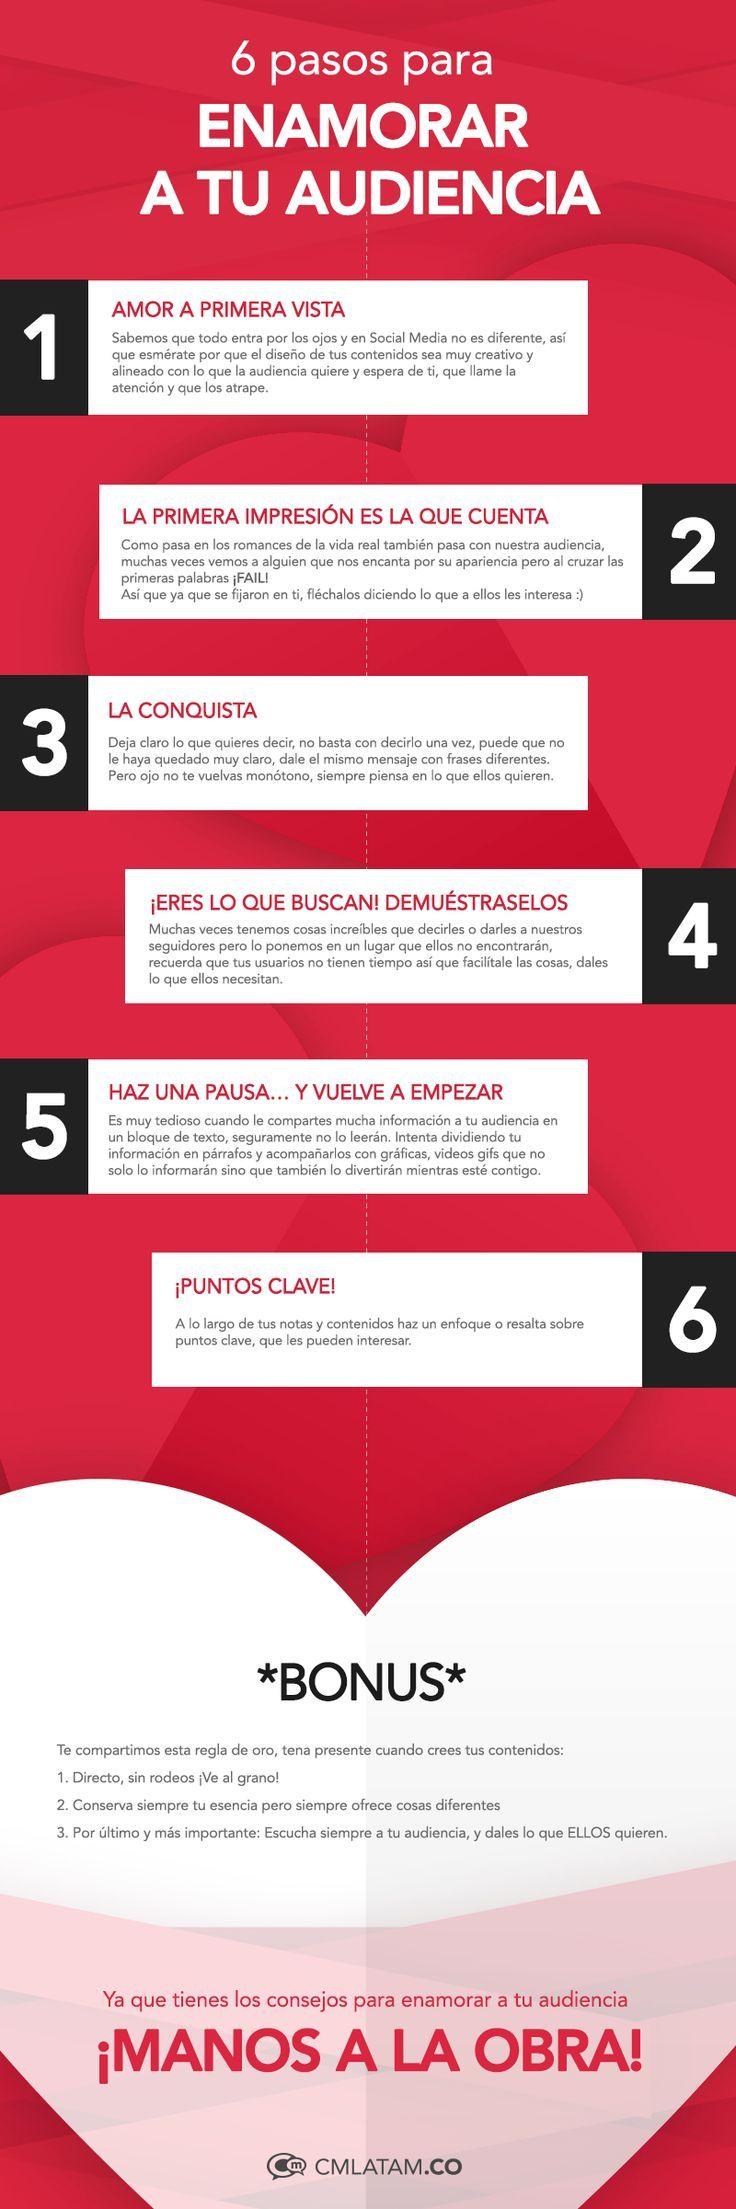 Enamora A Tu Audiencia En 6 Pasos Marketing Marketingdigital Redessociales Marketing De Contenidos Comunicacion Y Marketing Estrategias De Marketing